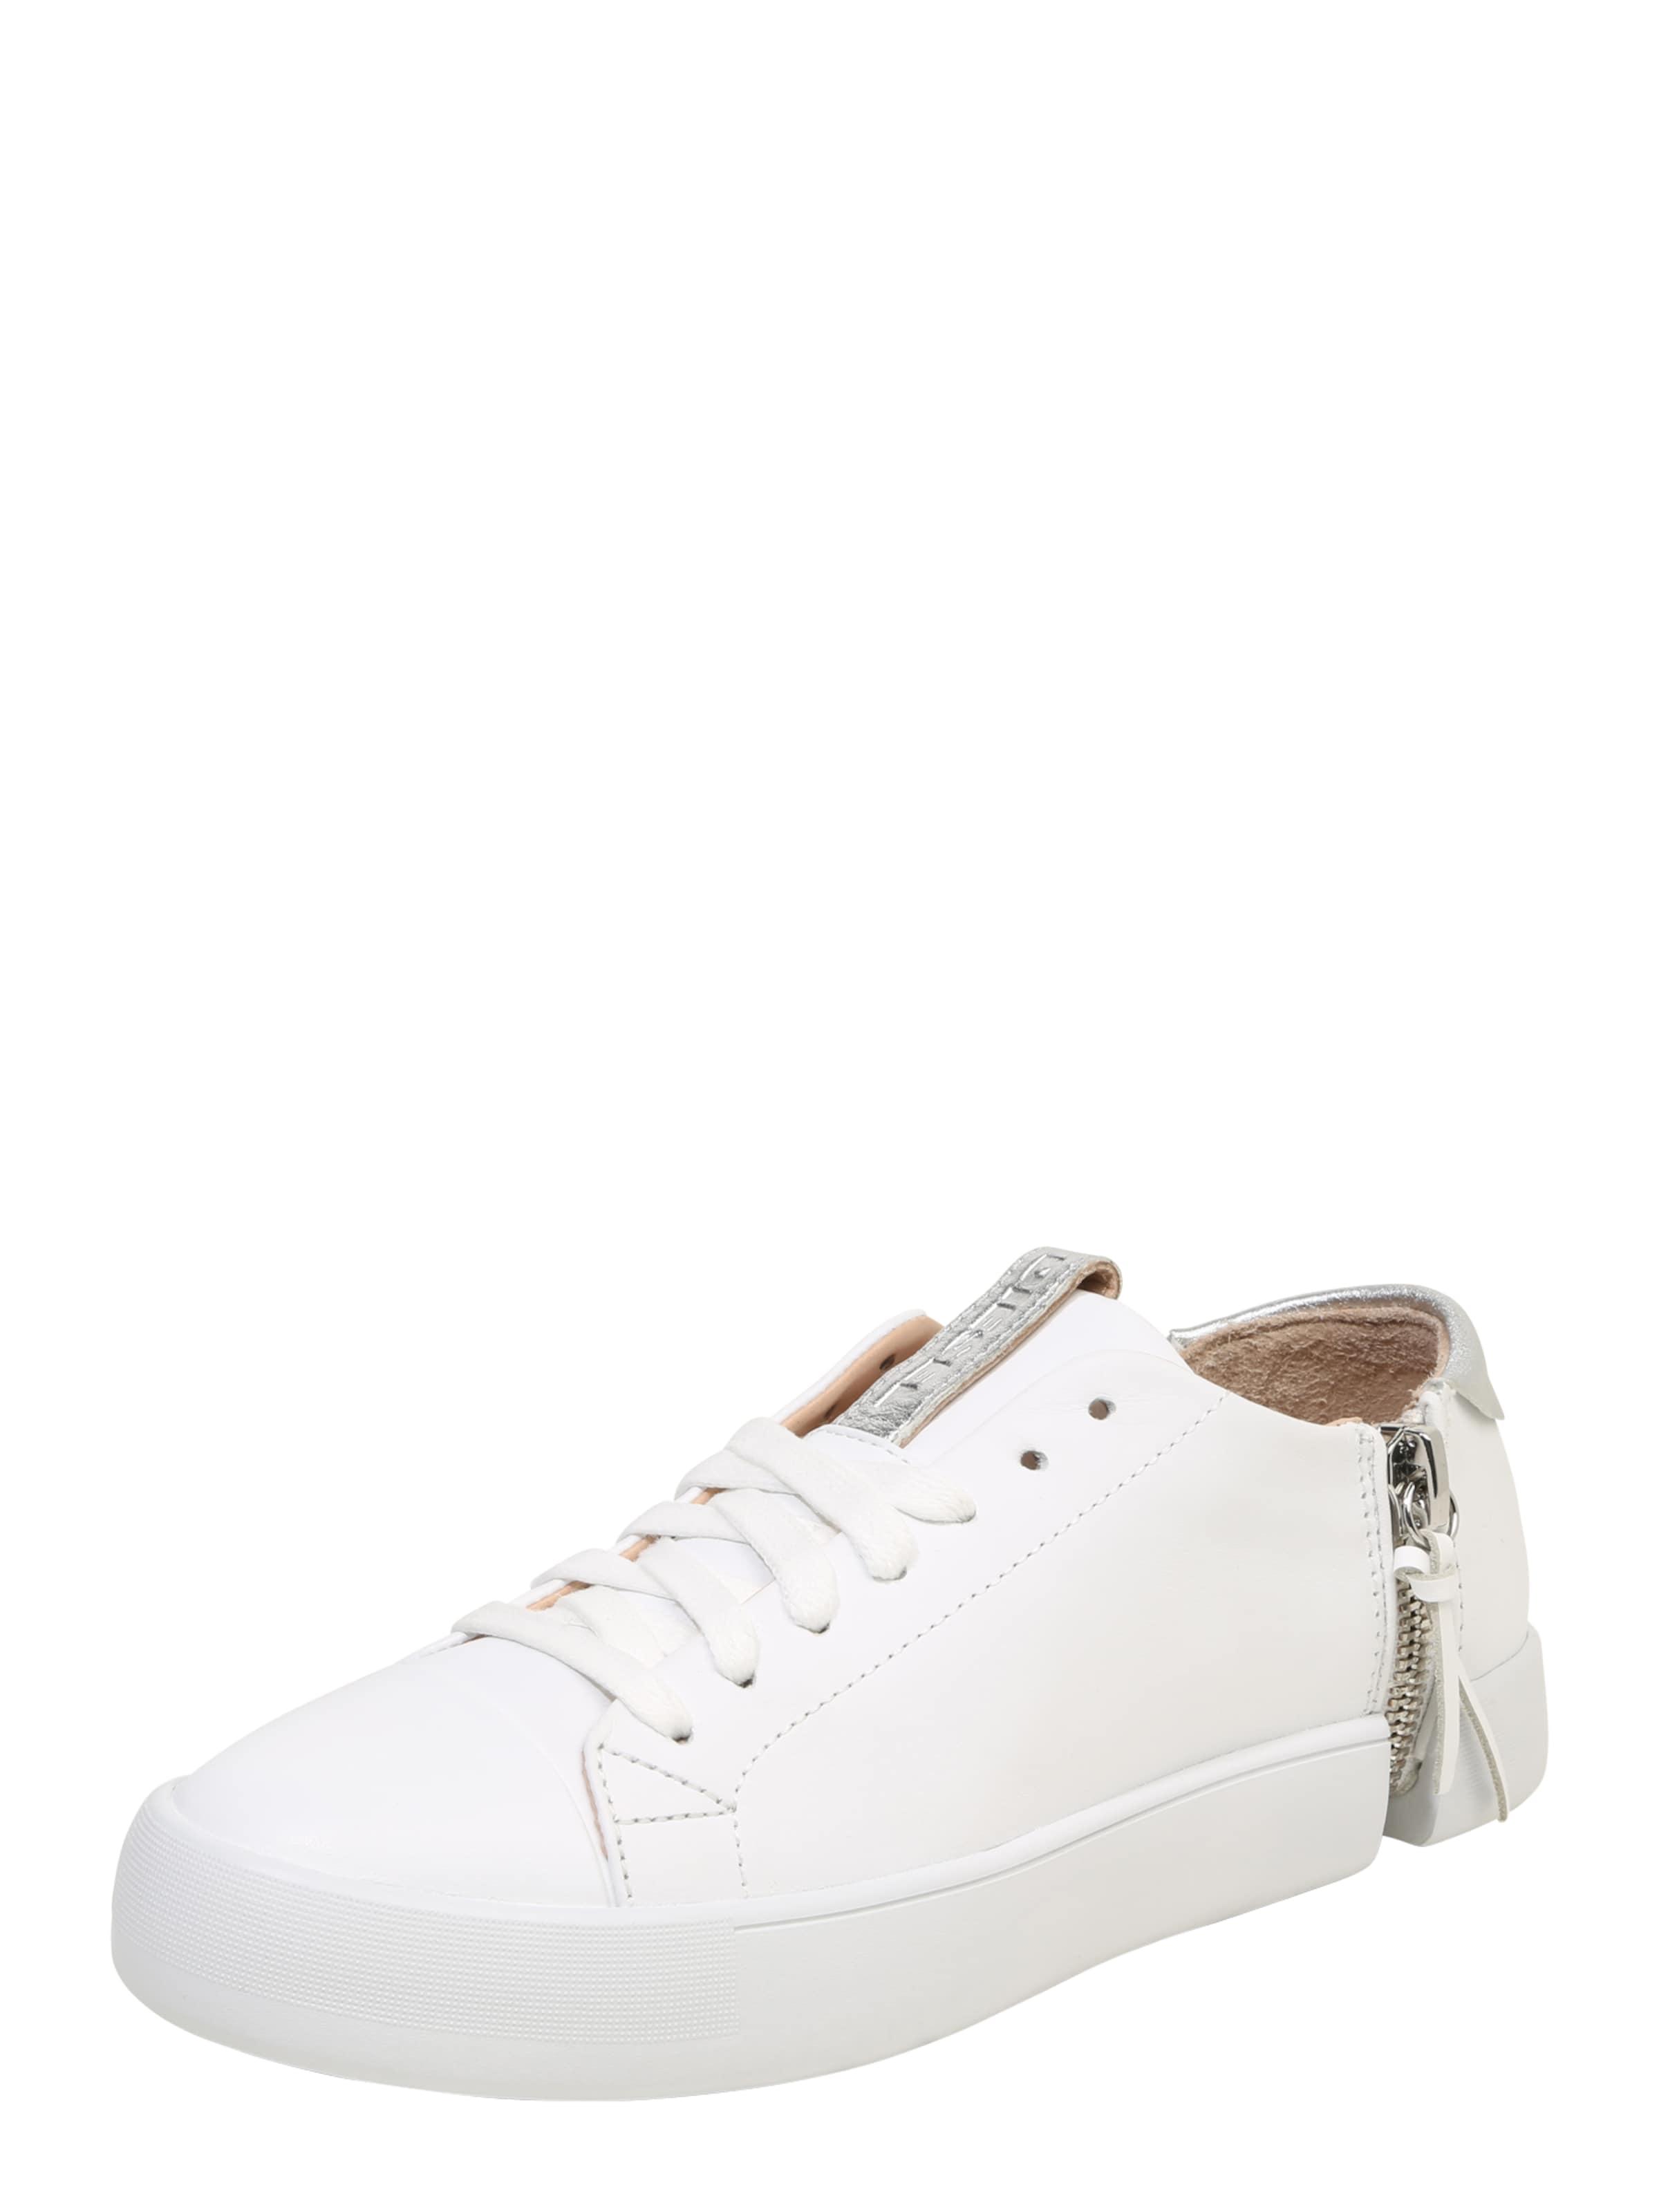 DIESEL Sneaker S-NENTISH Verschleißfeste billige Schuhe